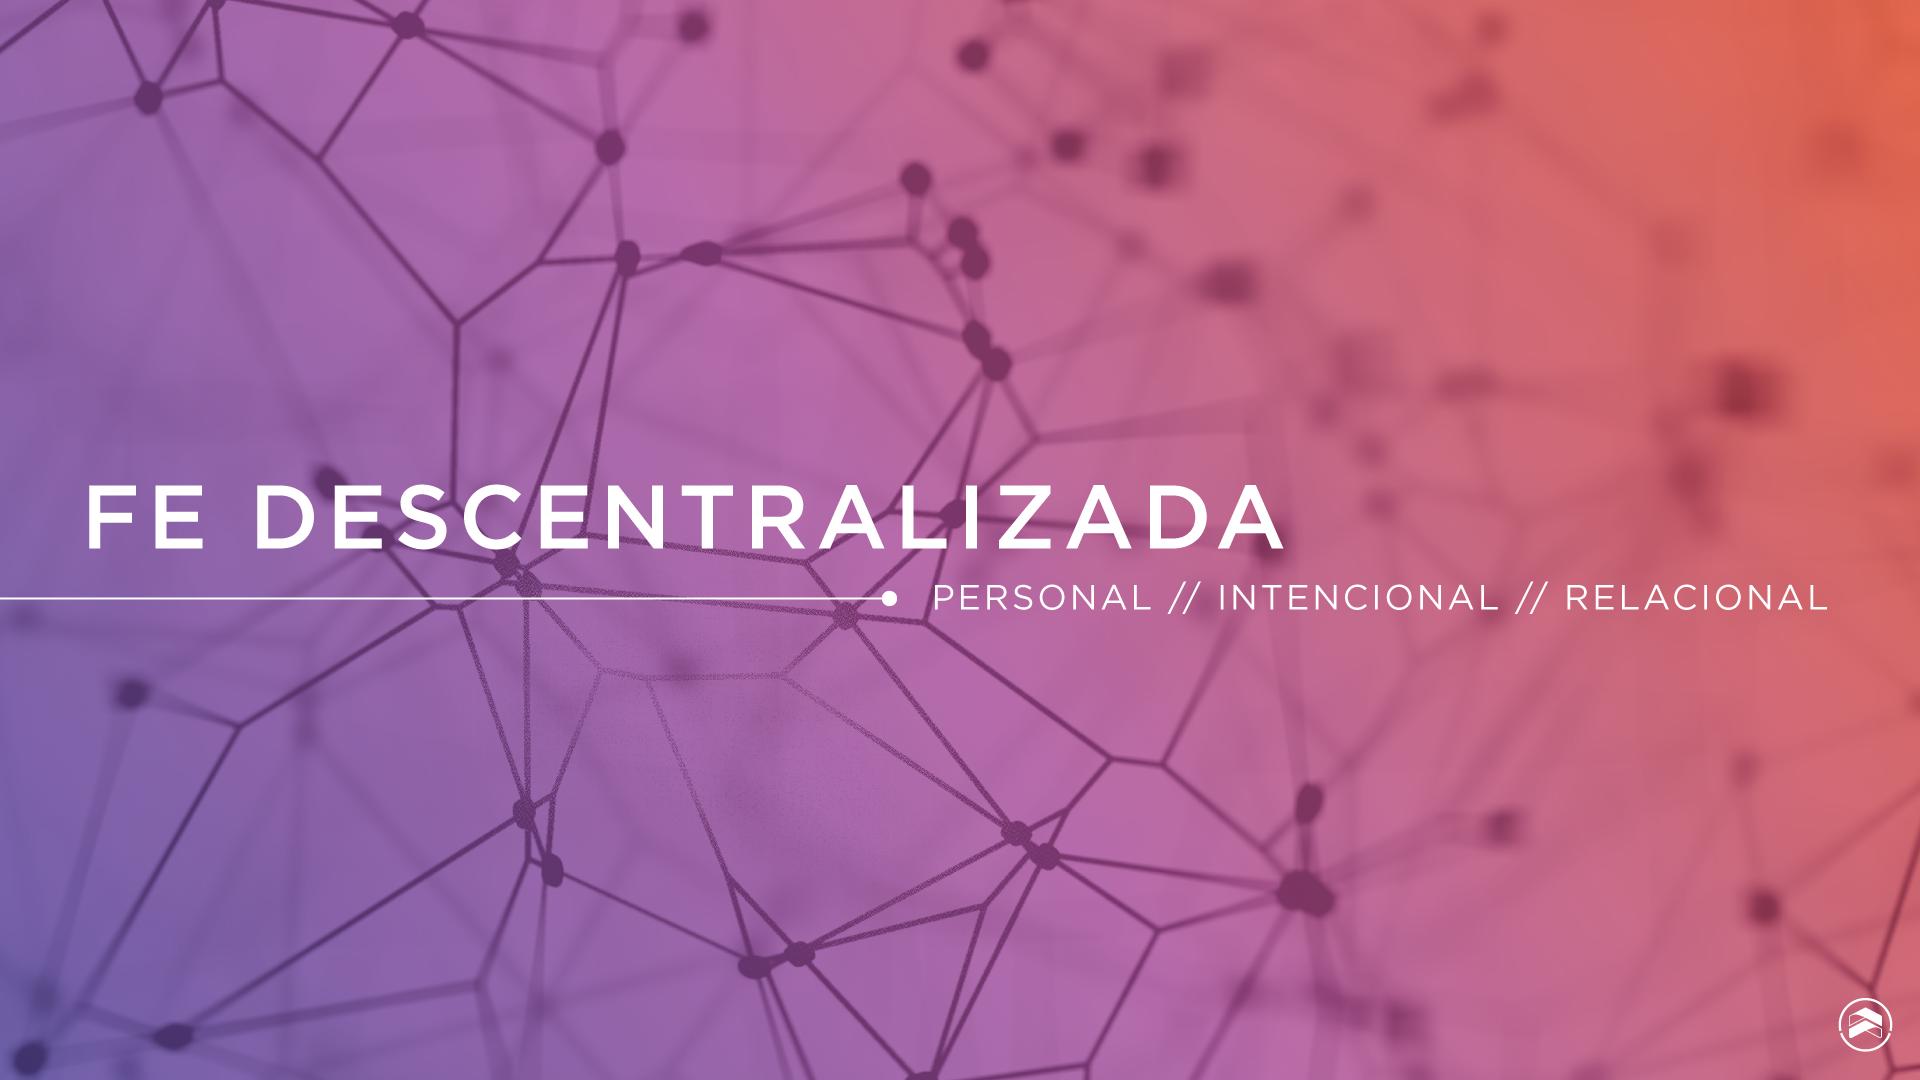 Fe Descentralizada - Aprovechando la gracia